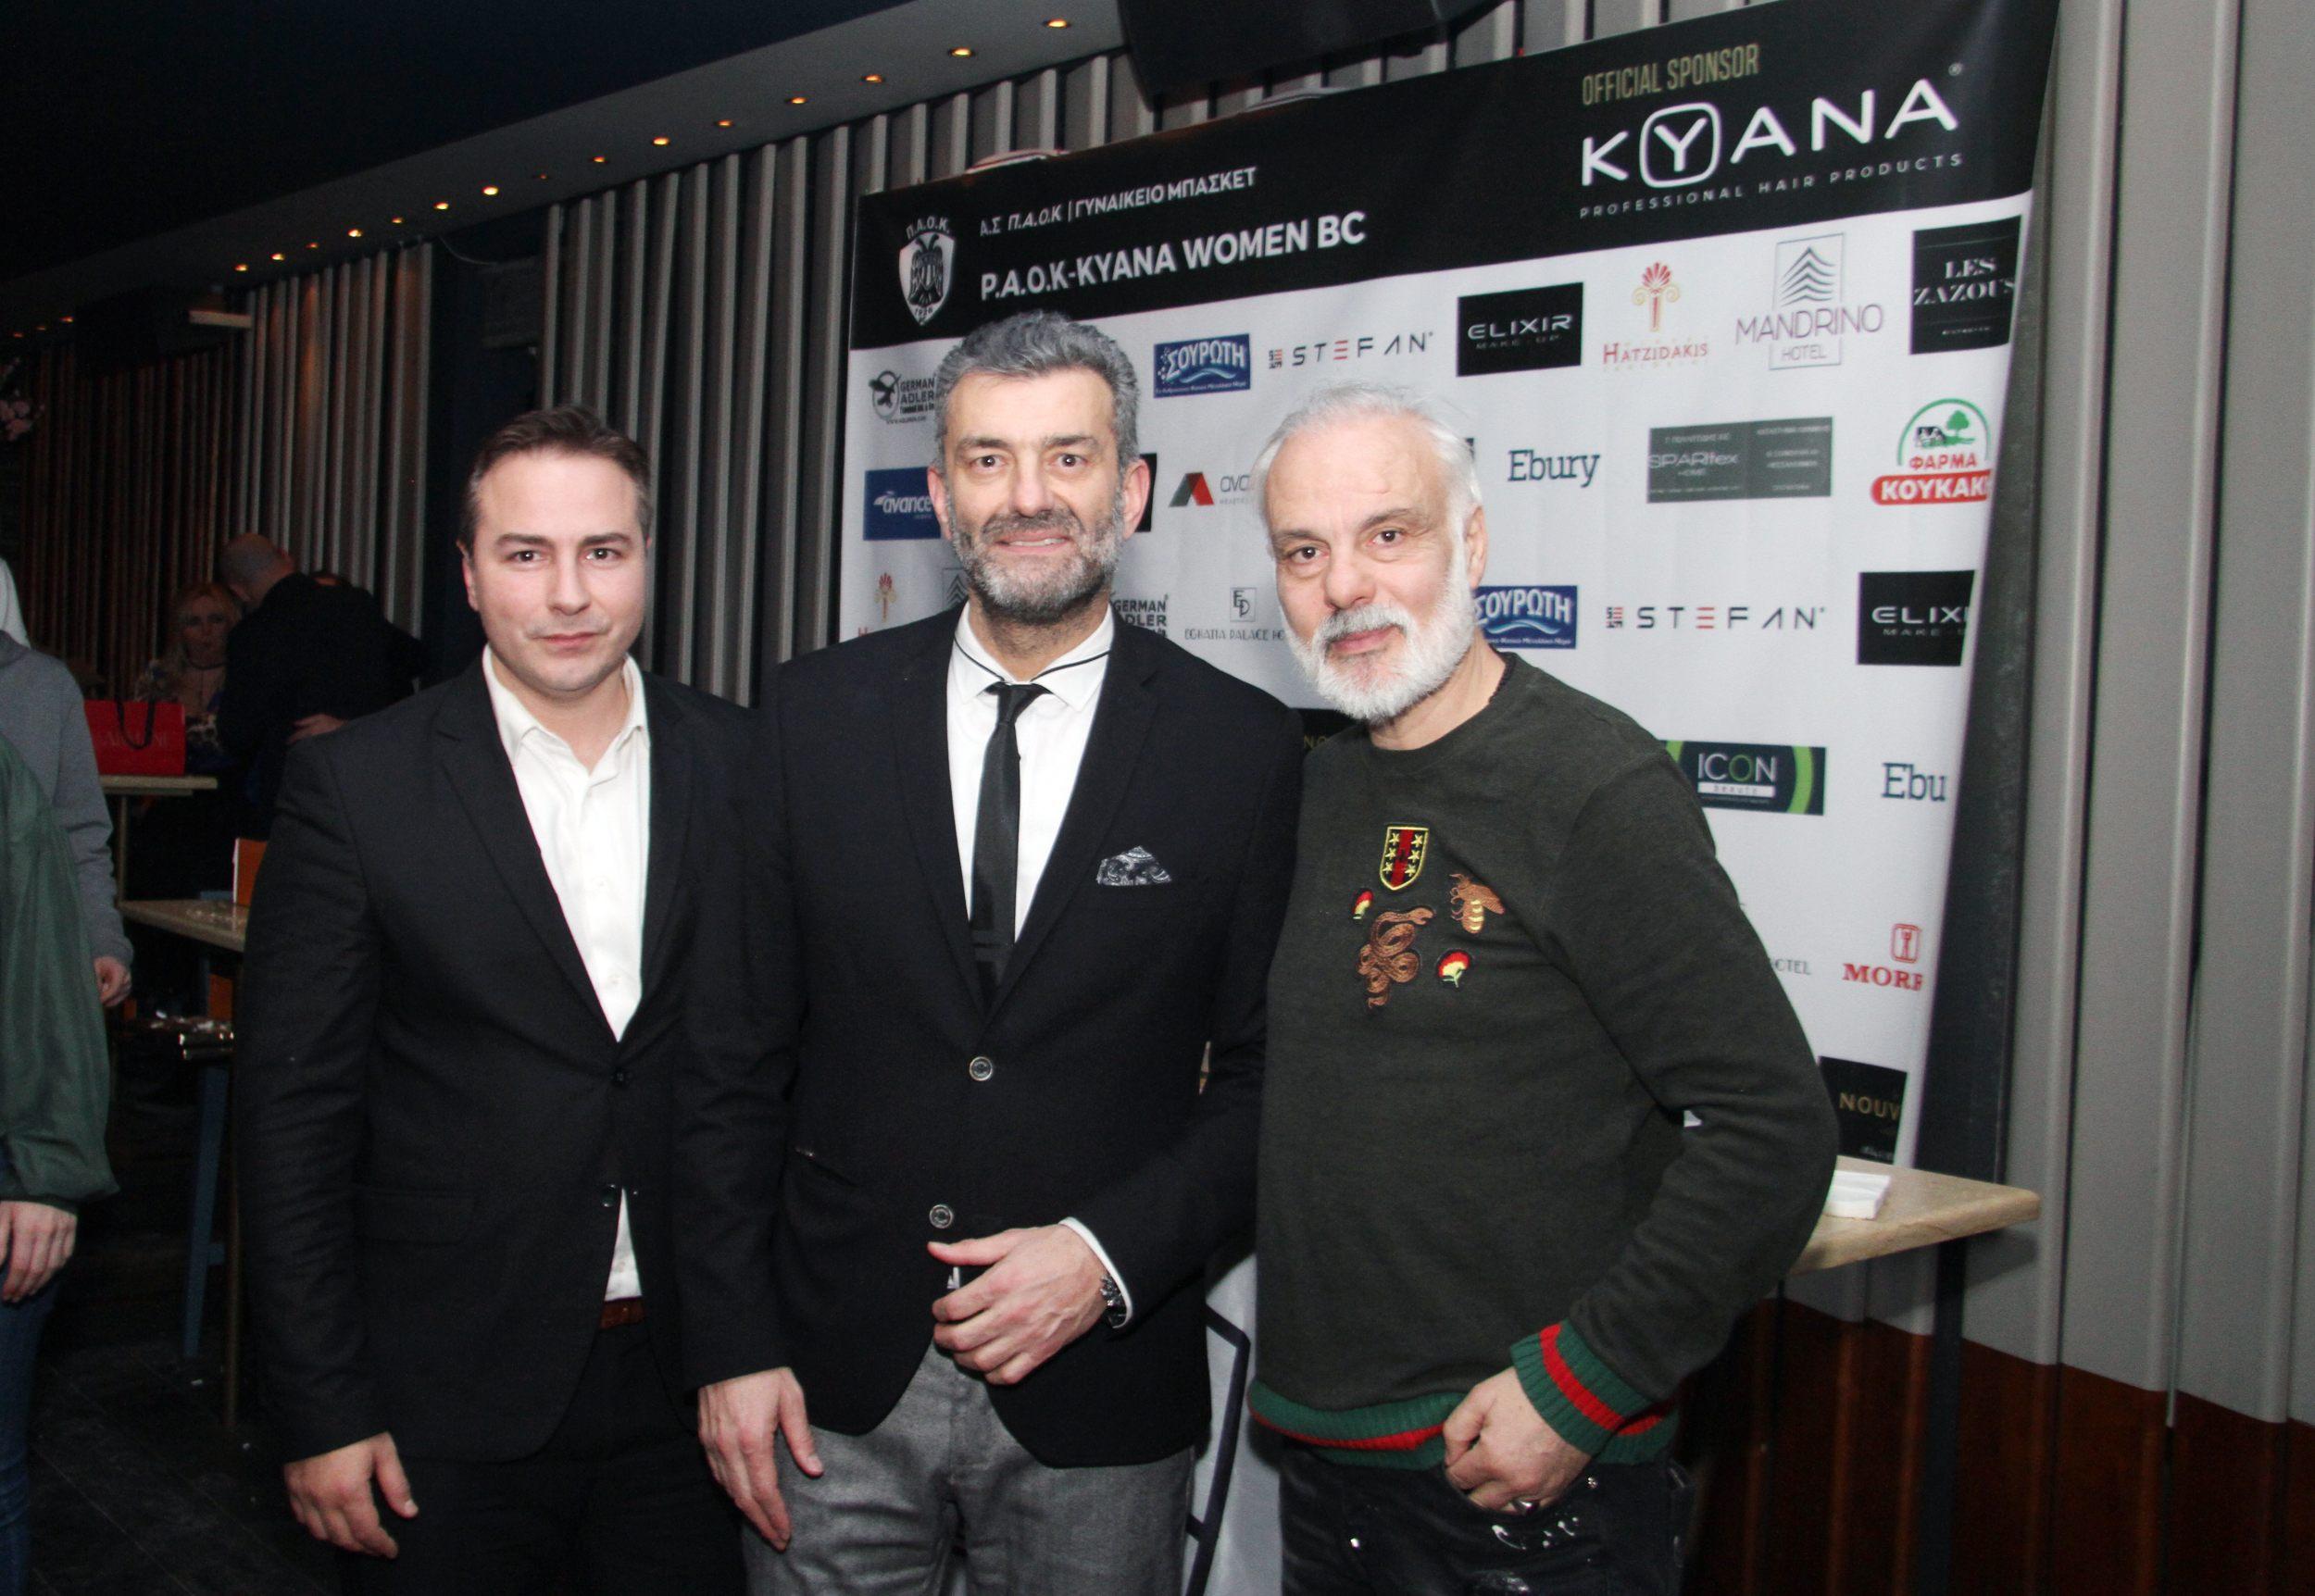 Διαμαντής Γκολιδάκης-Γιάννης Βασιλειάδης-Κυριάκος Κερανόπουλος